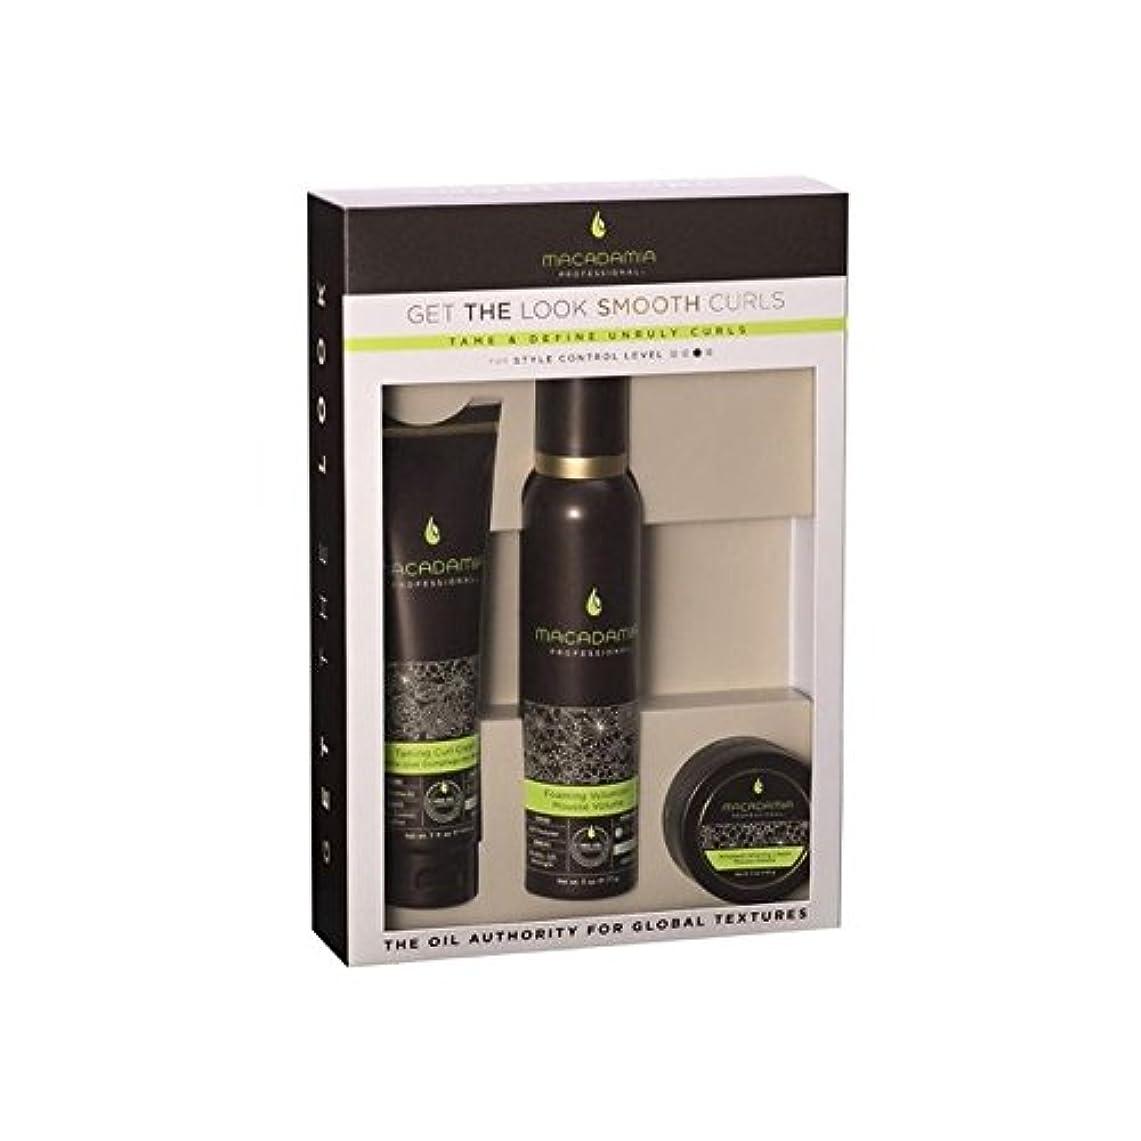 コピー学士に同意するMacadamia Natural Oil 'Get The Look' Smooth Curls Set (Pack of 6) - マカダミアナチュラルオイル「外観を得る」を設定し、滑らかなカール x6 [並行輸入品]